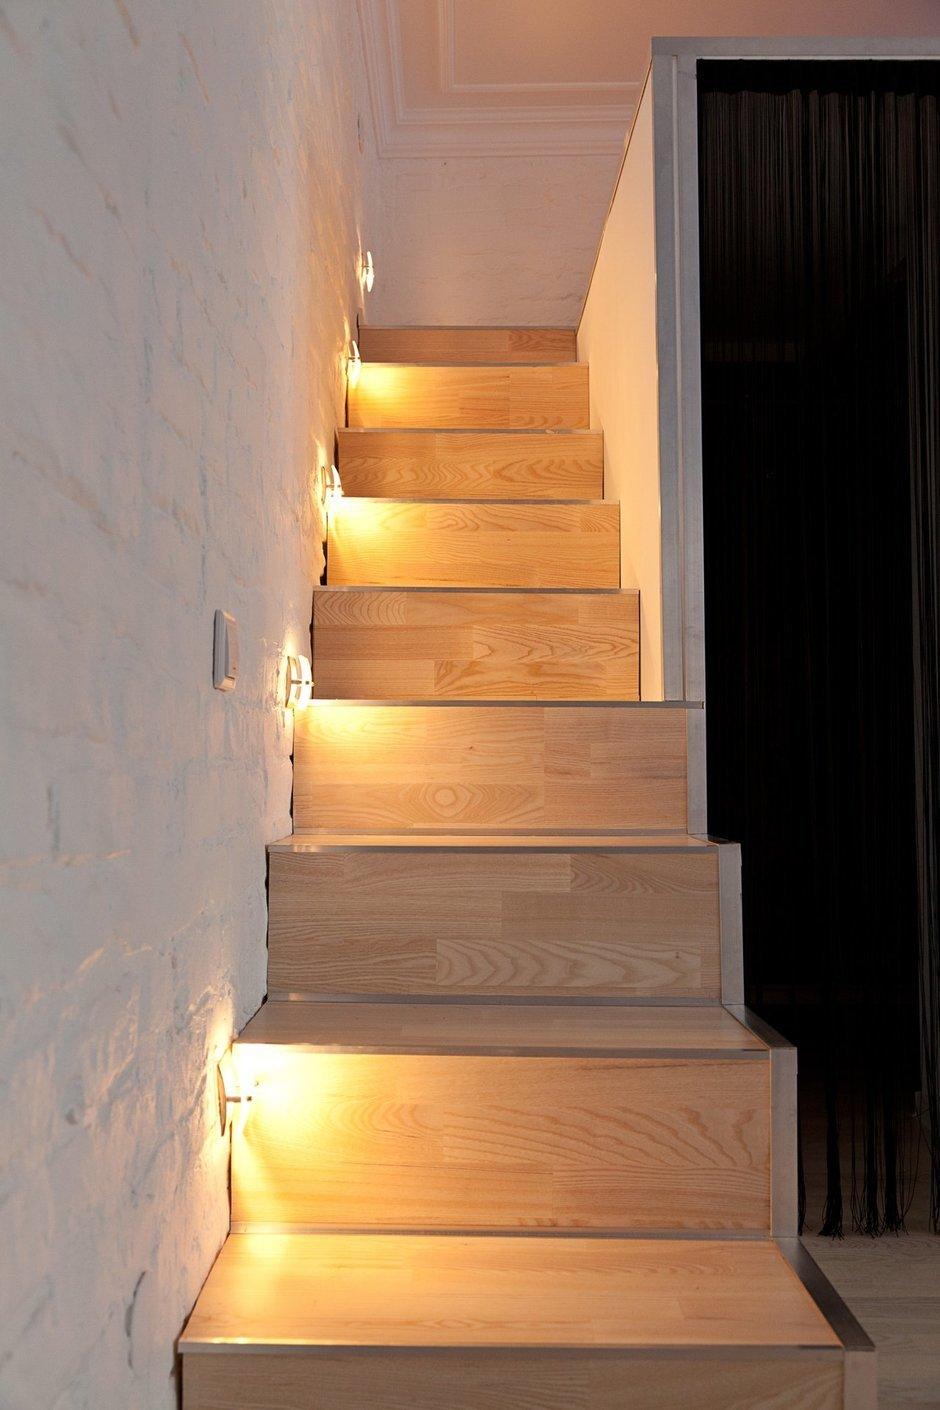 Фотография: Мебель и свет в стиле , Лофт, Малогабаритная квартира, Квартира, Цвет в интерьере, Дома и квартиры, Стены – фото на InMyRoom.ru